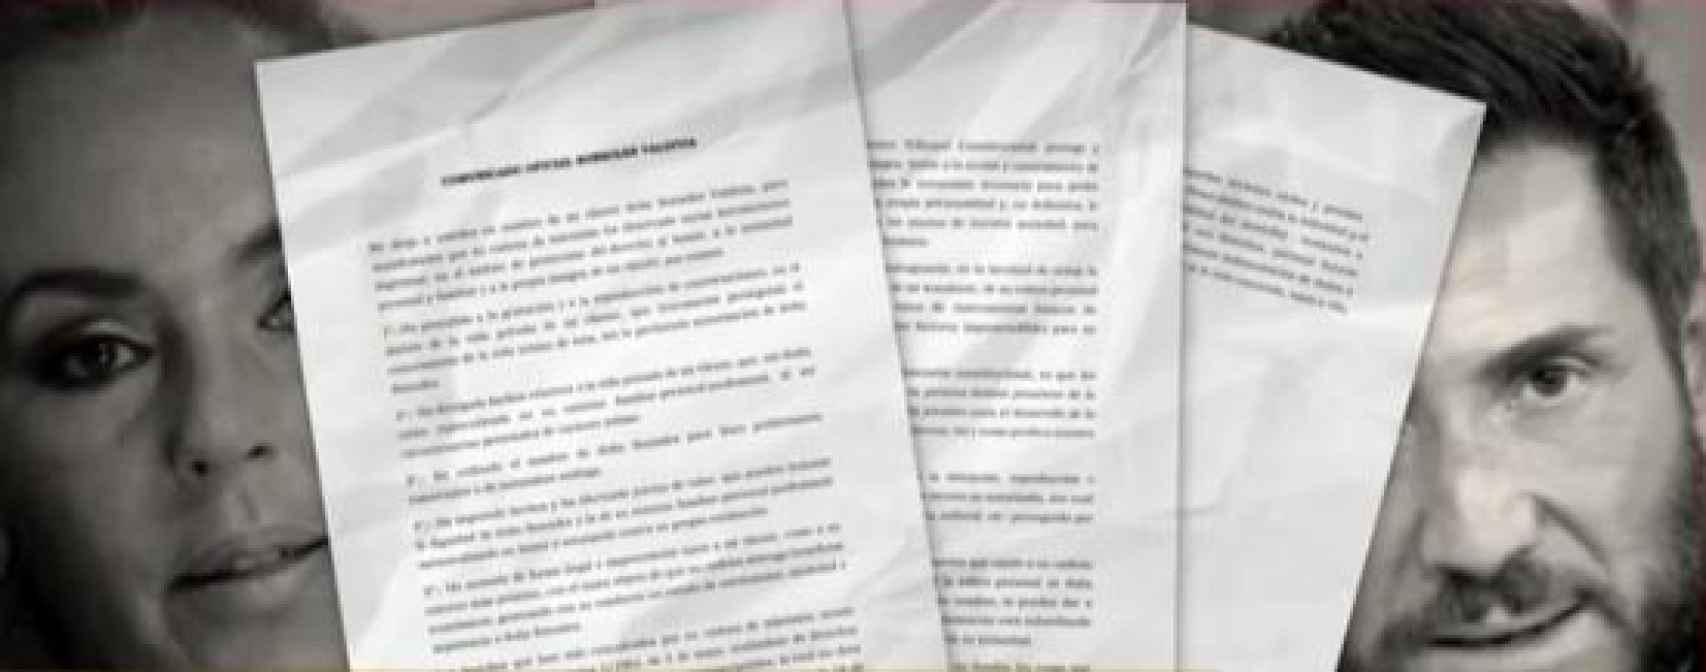 Las tres páginas de comunicado que ha enviado Sonsoles a 'Socialité'.